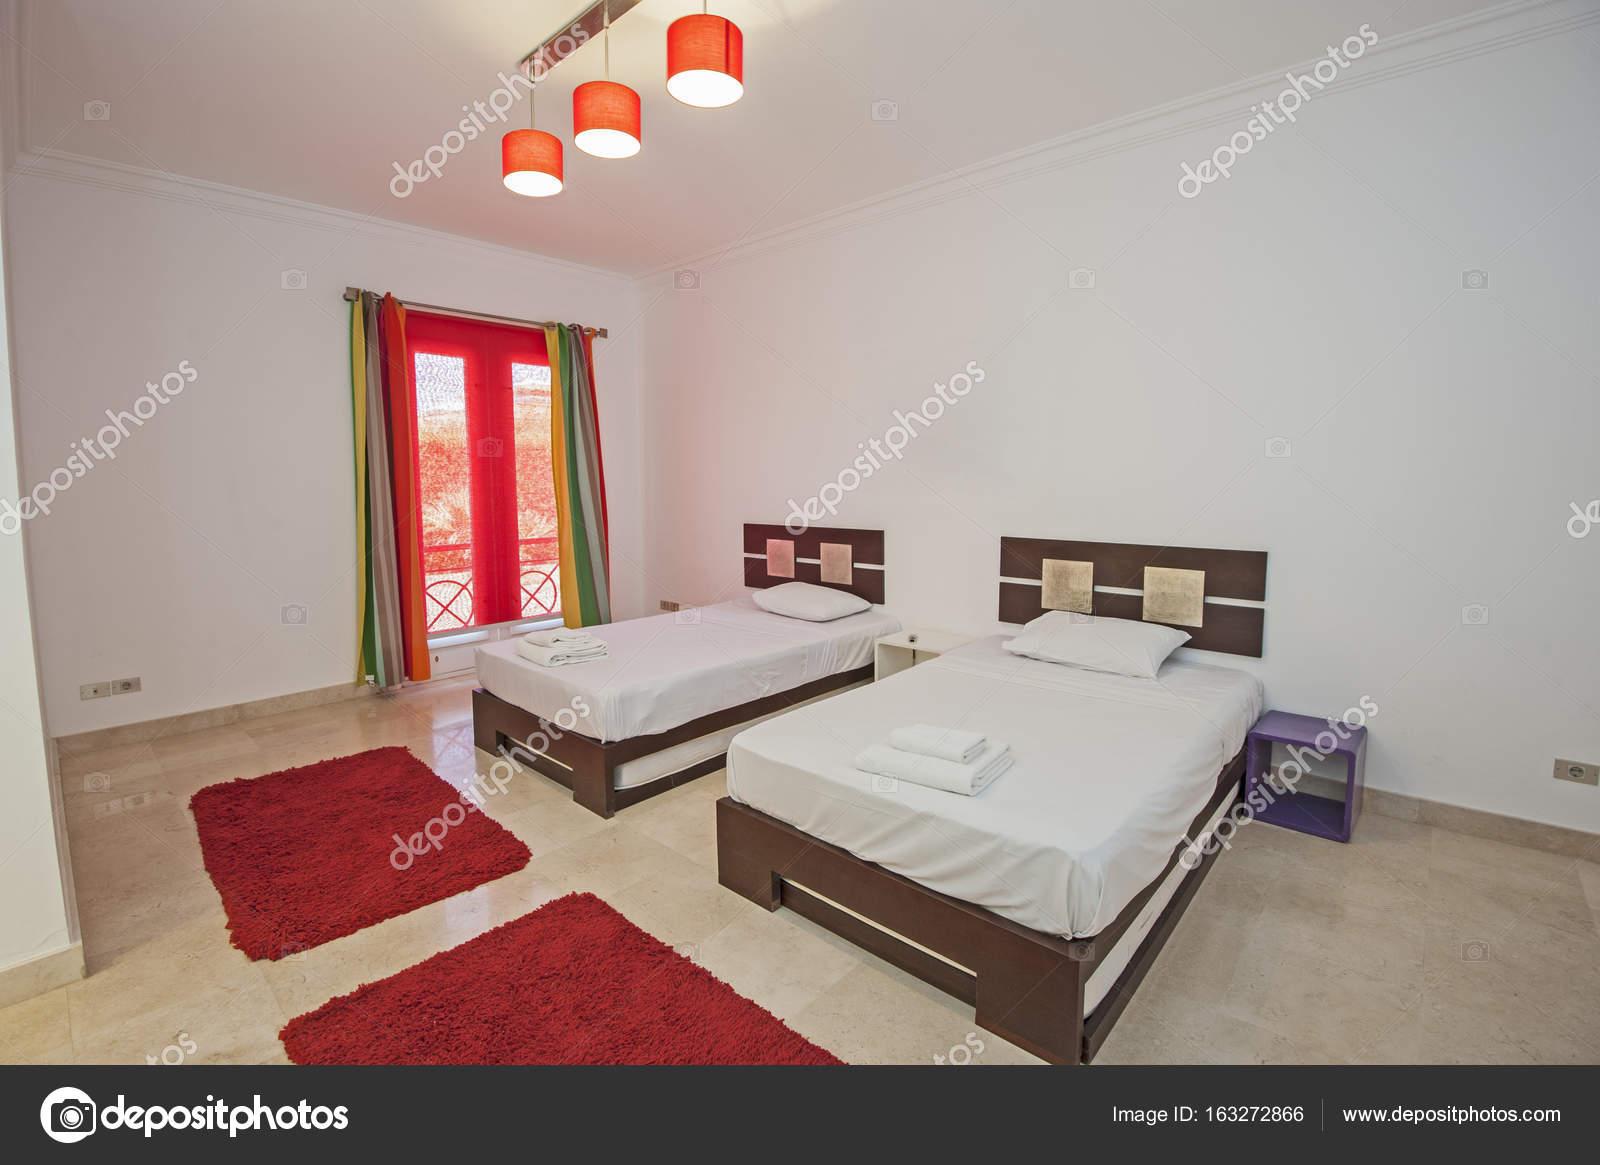 Inneneinrichtung der Zimmer im Haus — Stockfoto #163272866